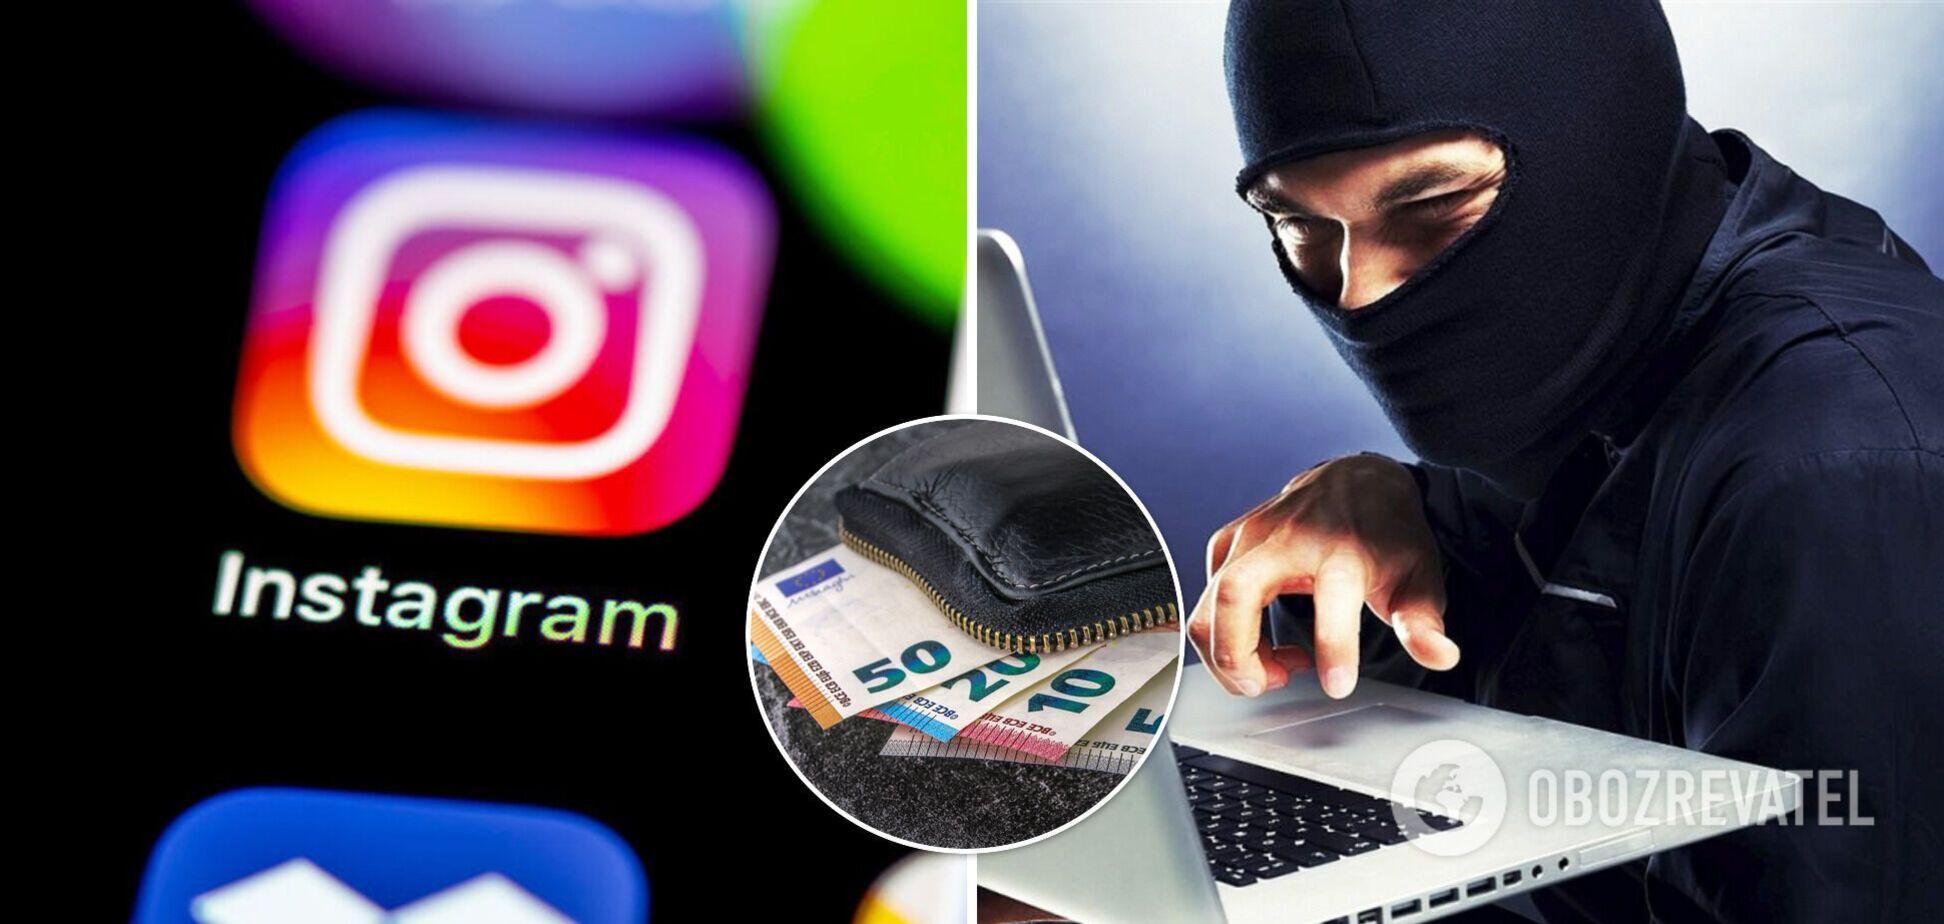 У Instagram шахраї блокують акаунти: за відновлення доступу доведеться заплатити